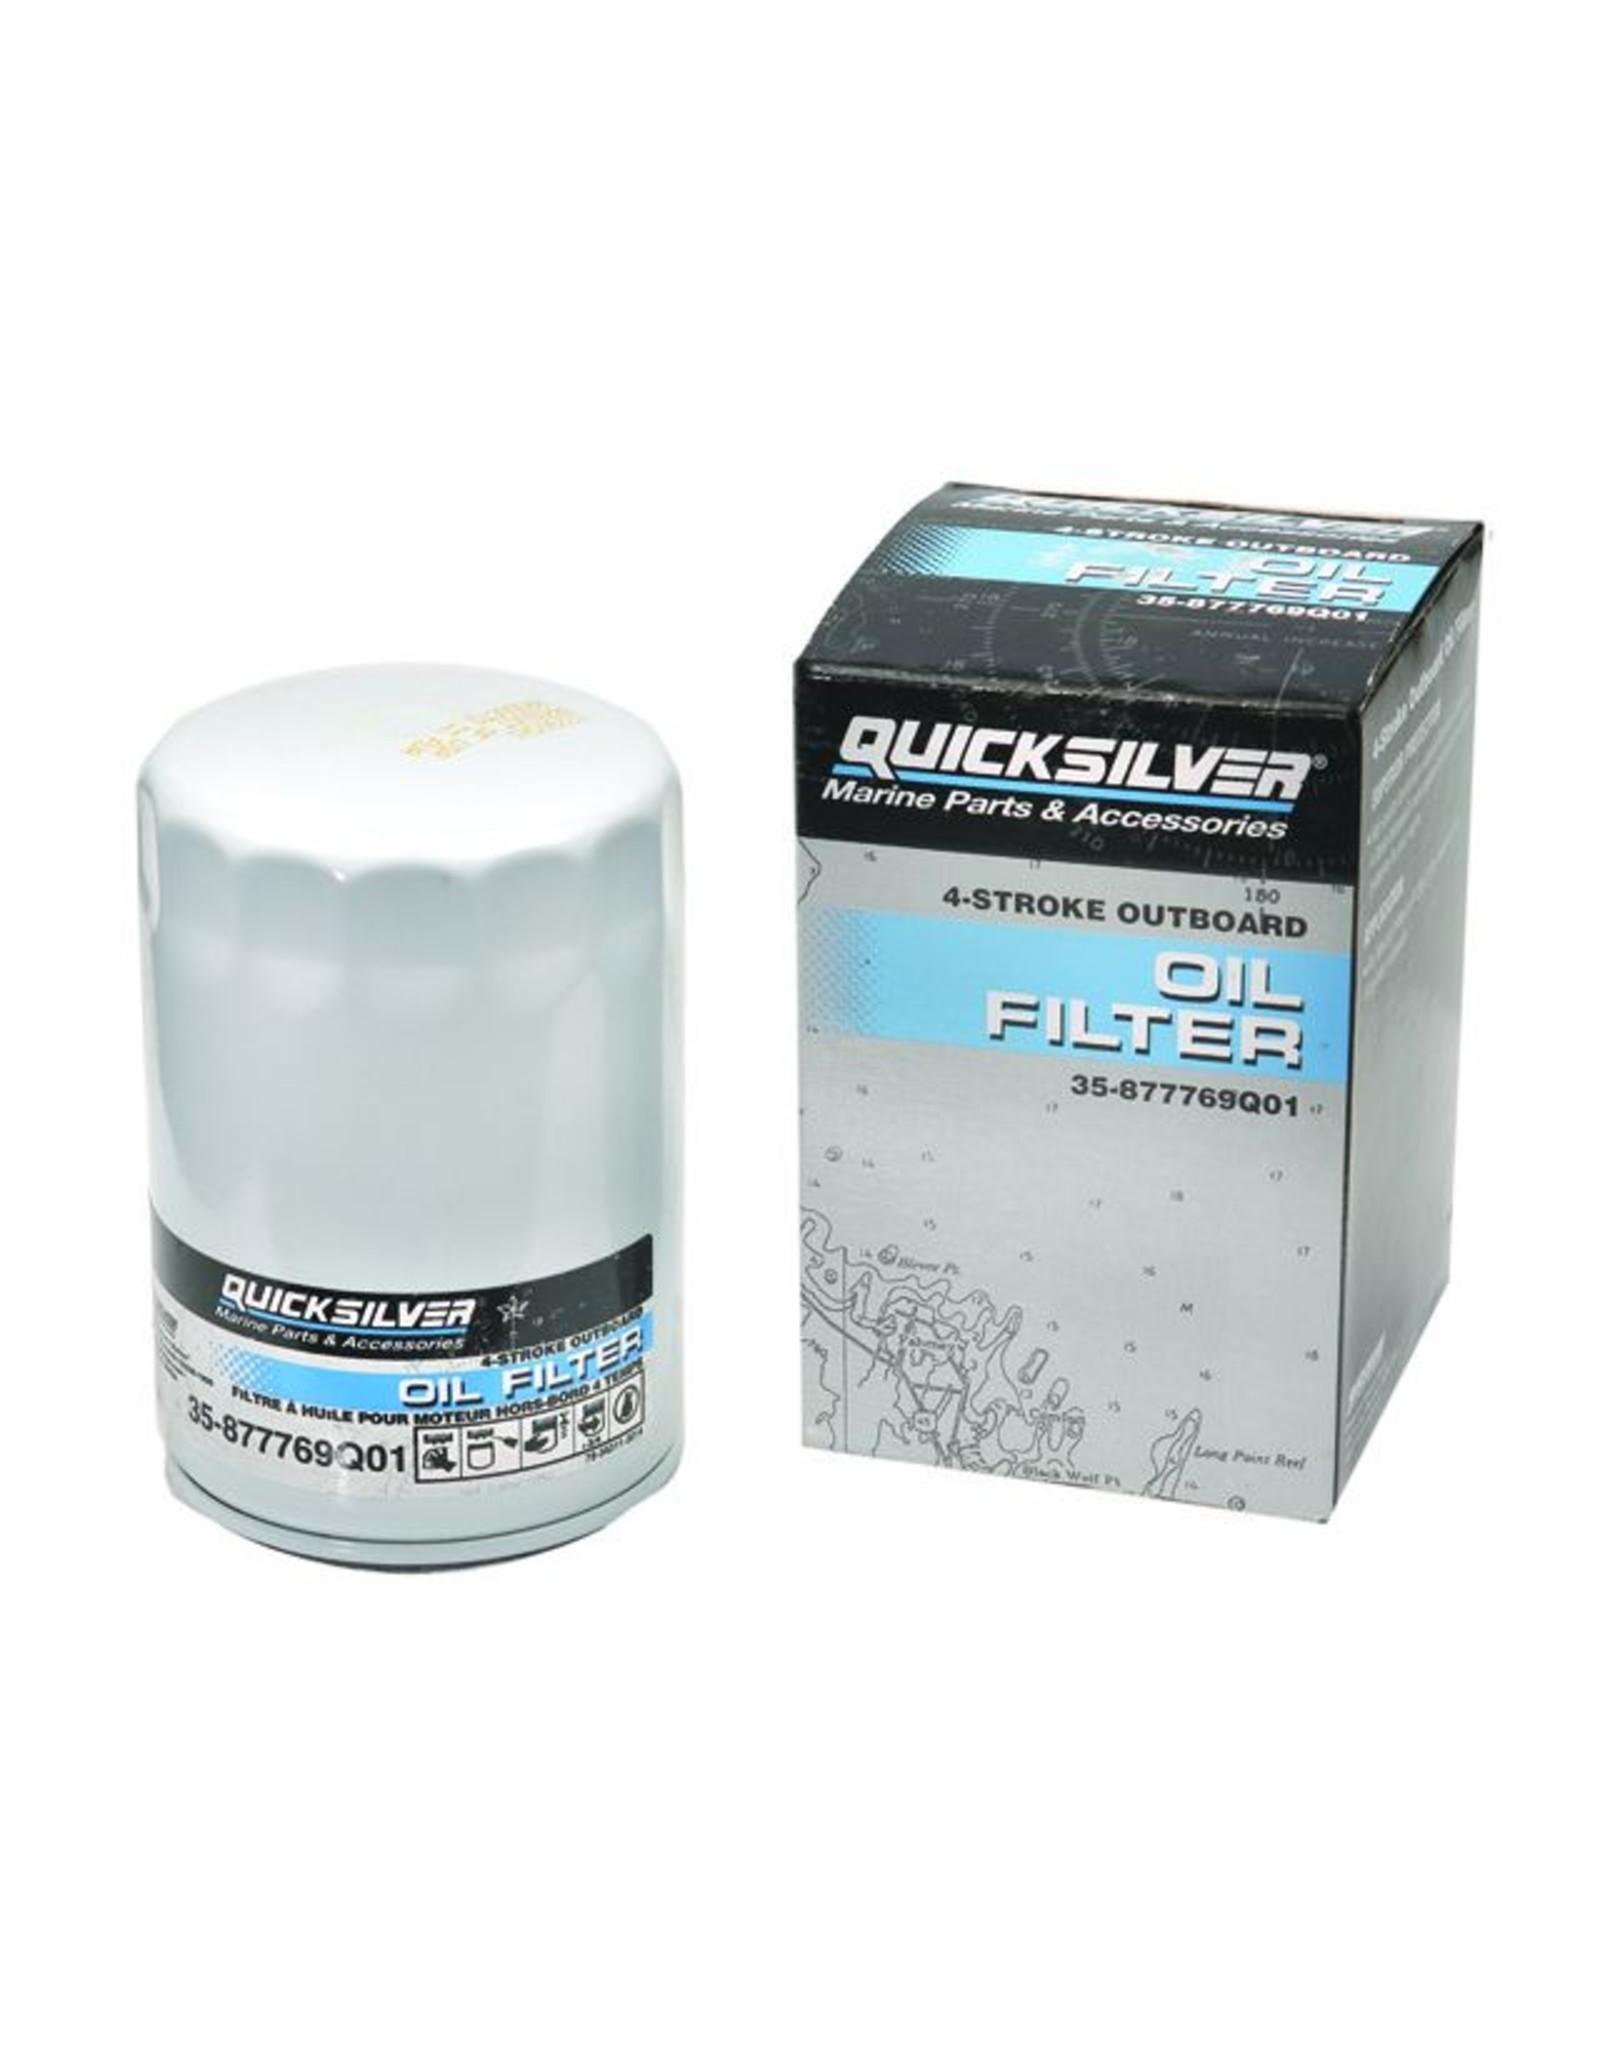 Quicksilver Quicksilver oliefilter VERADO 200 t/m 350 pk 4-cylinder